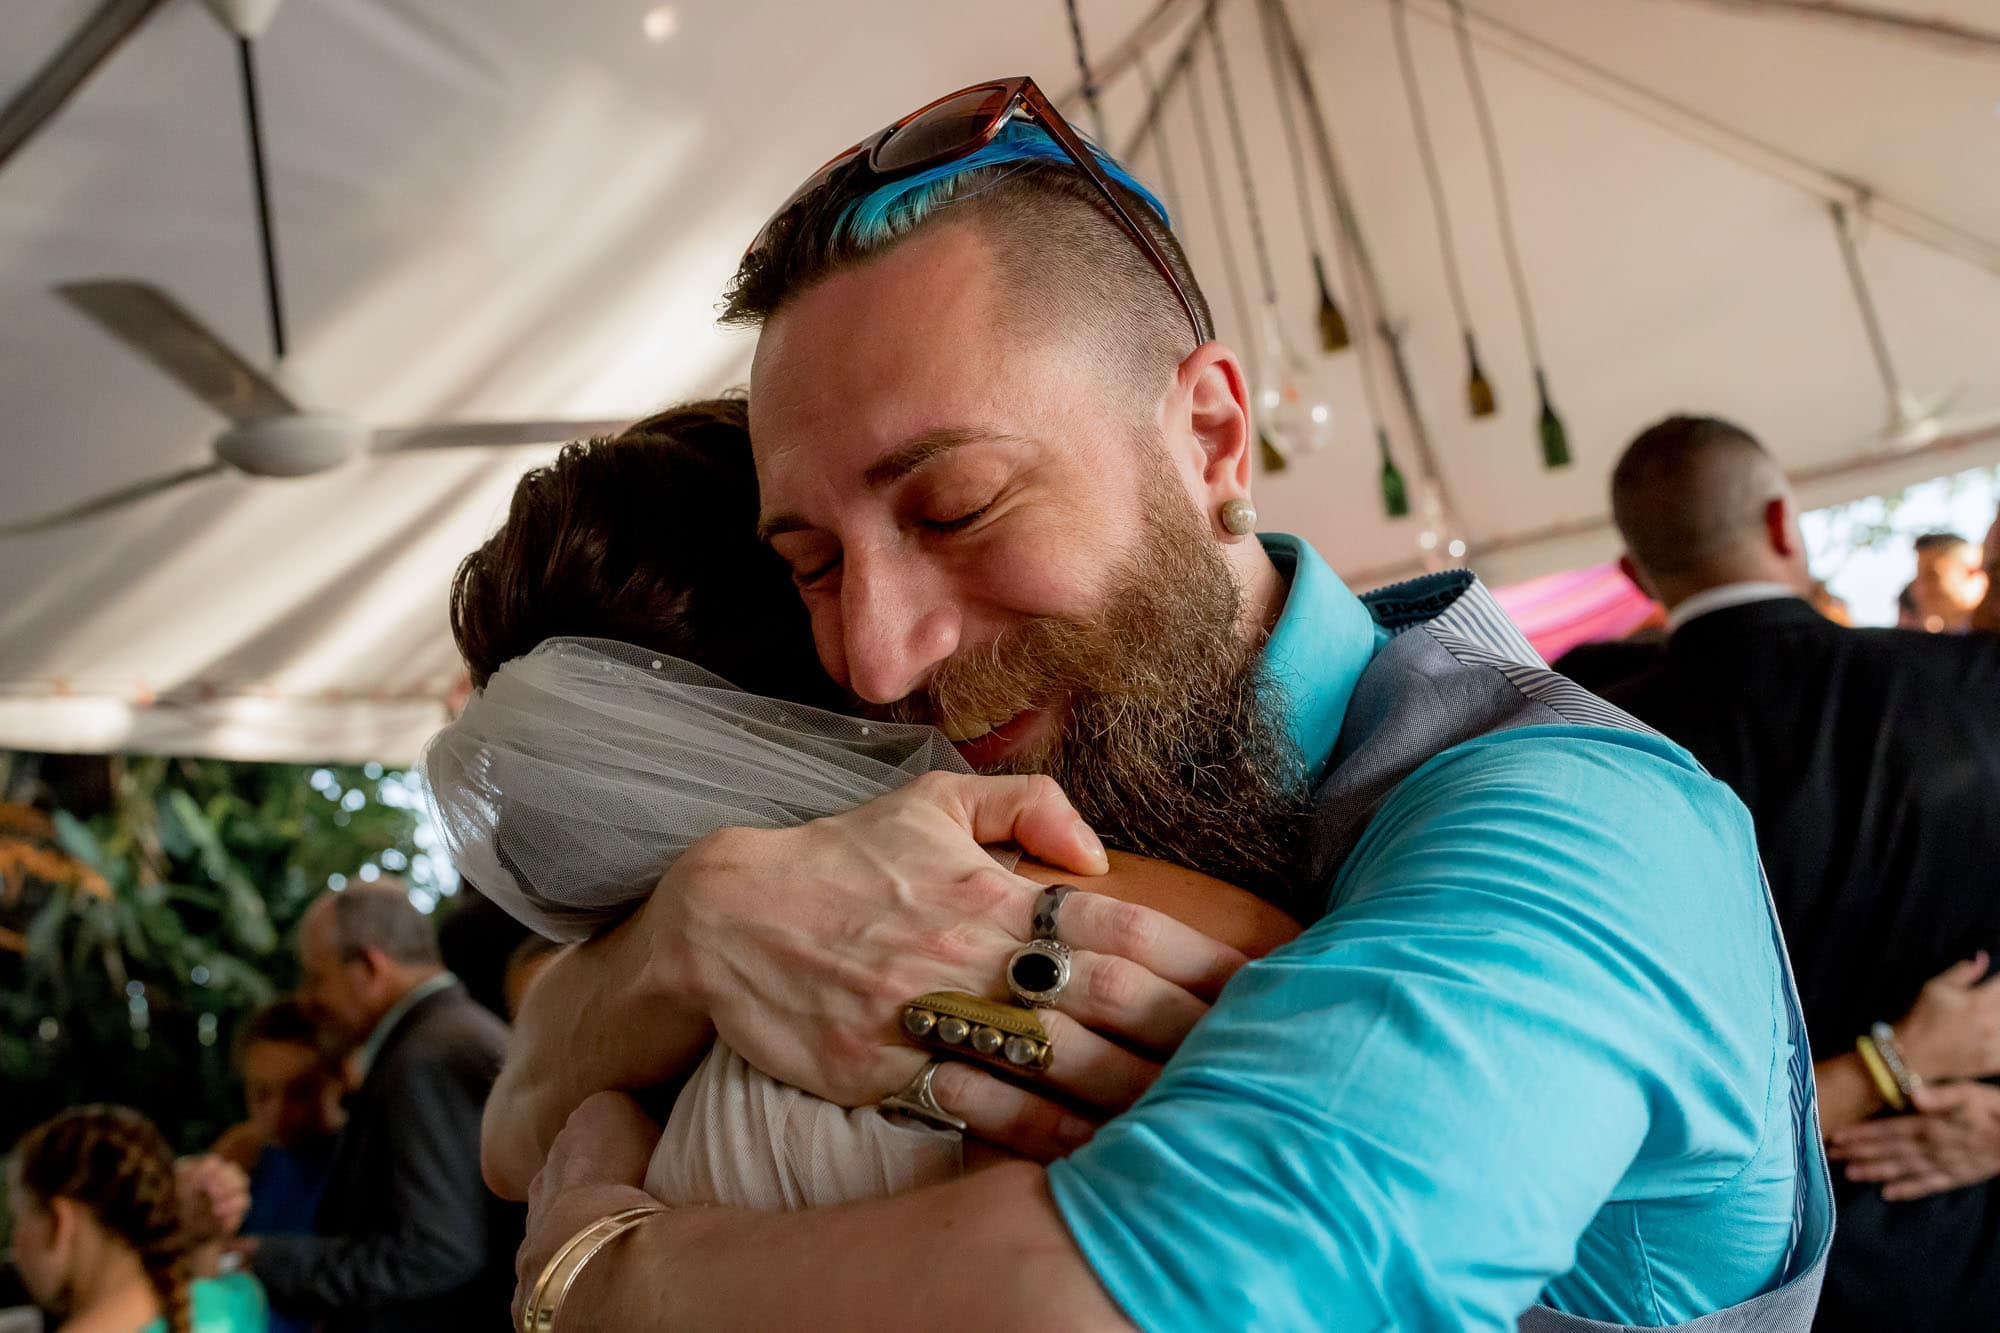 Giving the bride a hug!